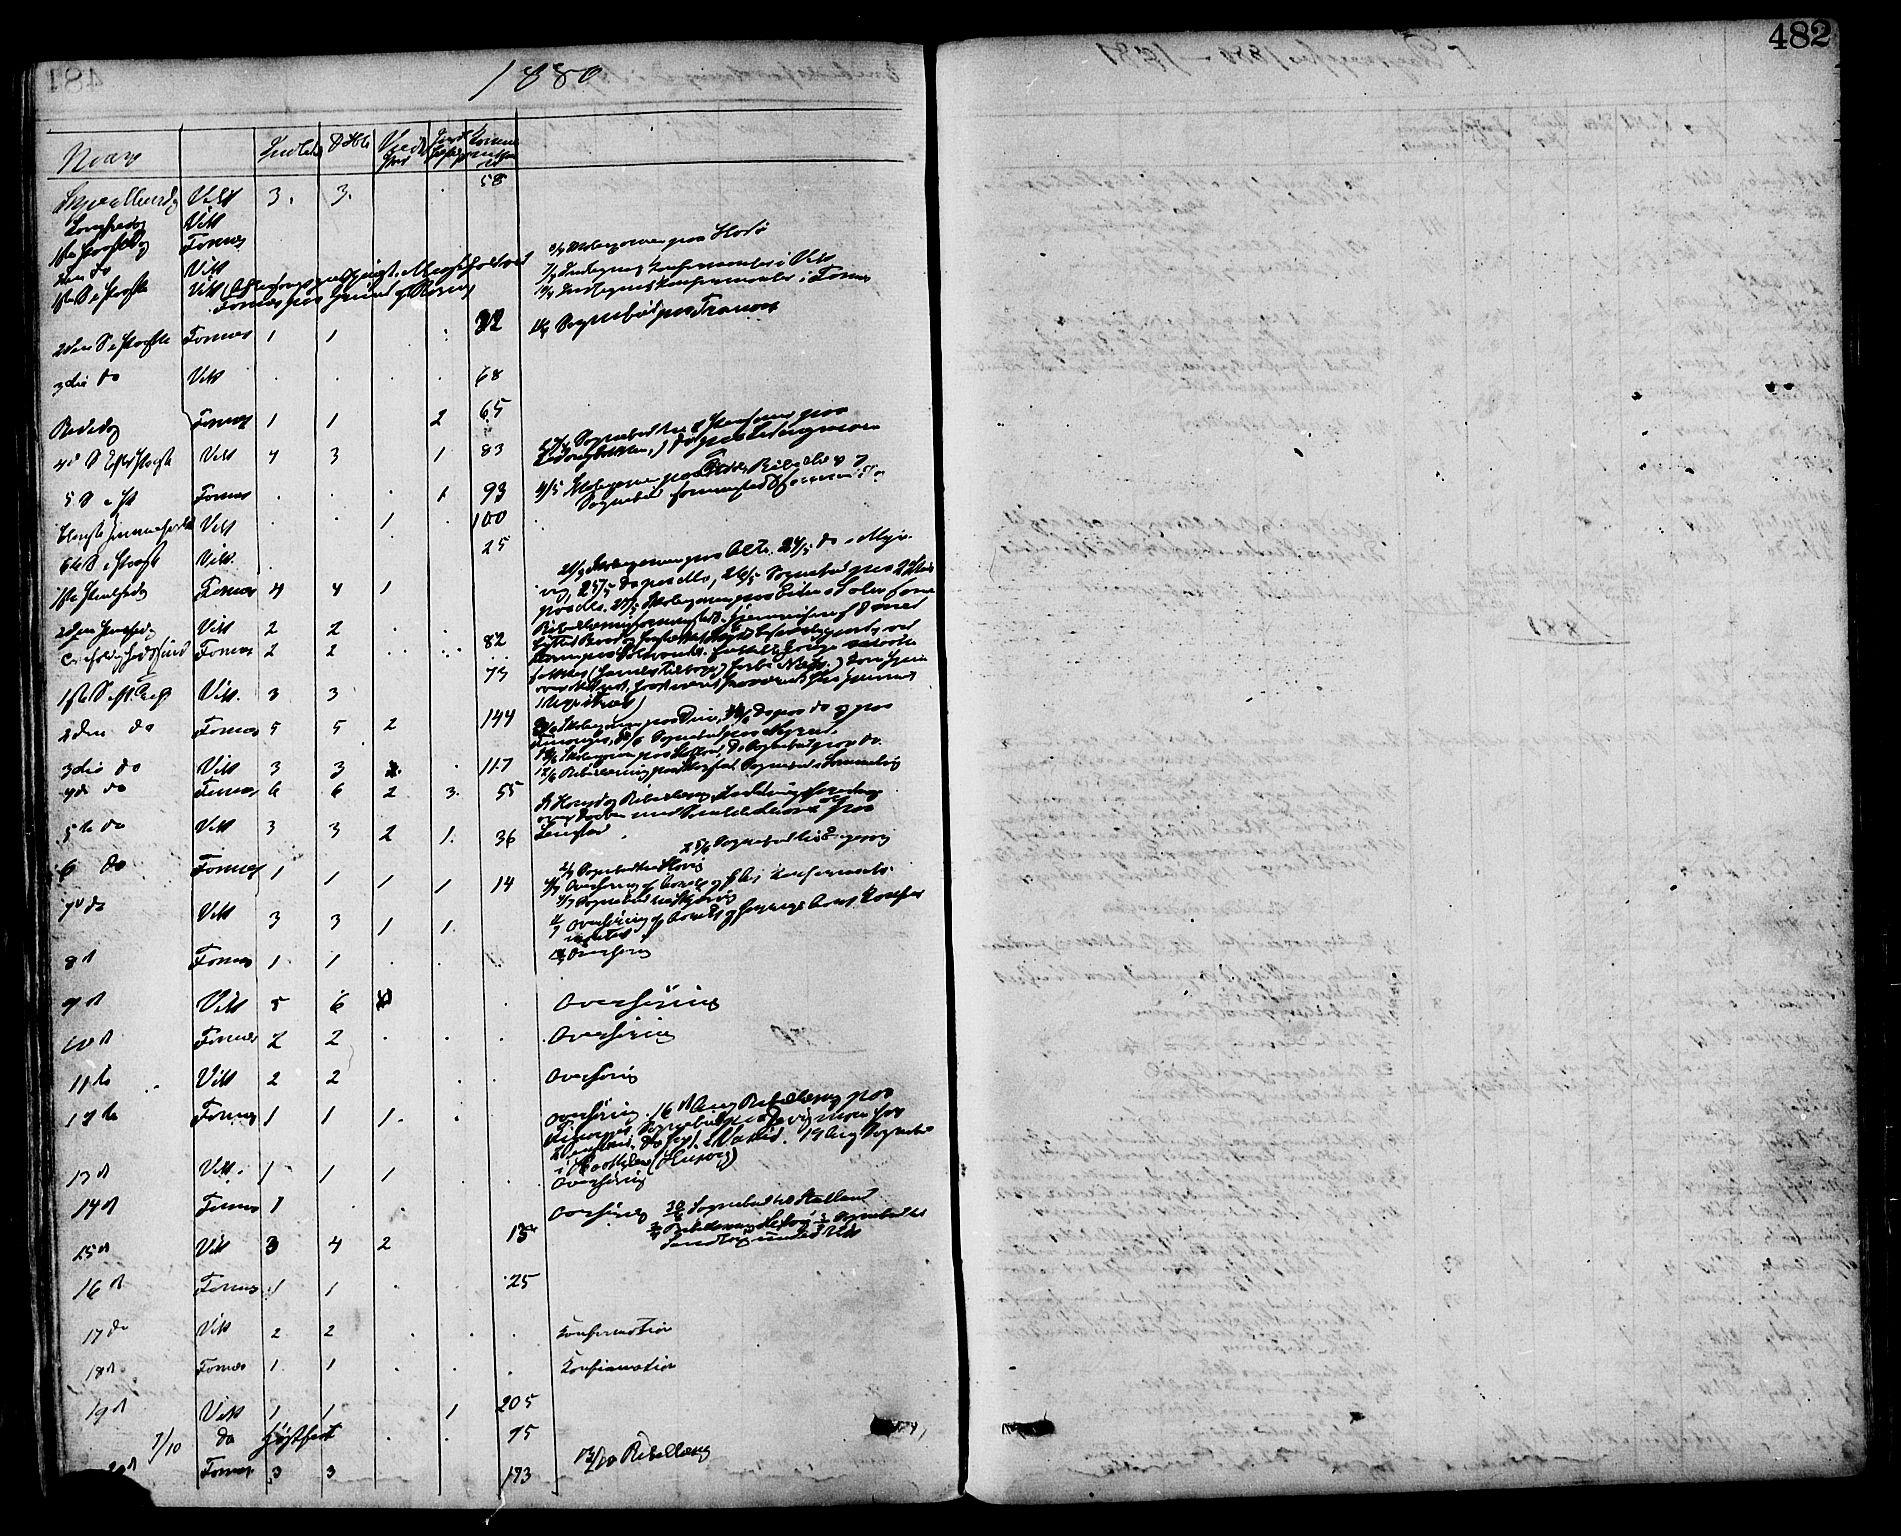 SAT, Ministerialprotokoller, klokkerbøker og fødselsregistre - Nord-Trøndelag, 773/L0616: Ministerialbok nr. 773A07, 1870-1887, s. 482